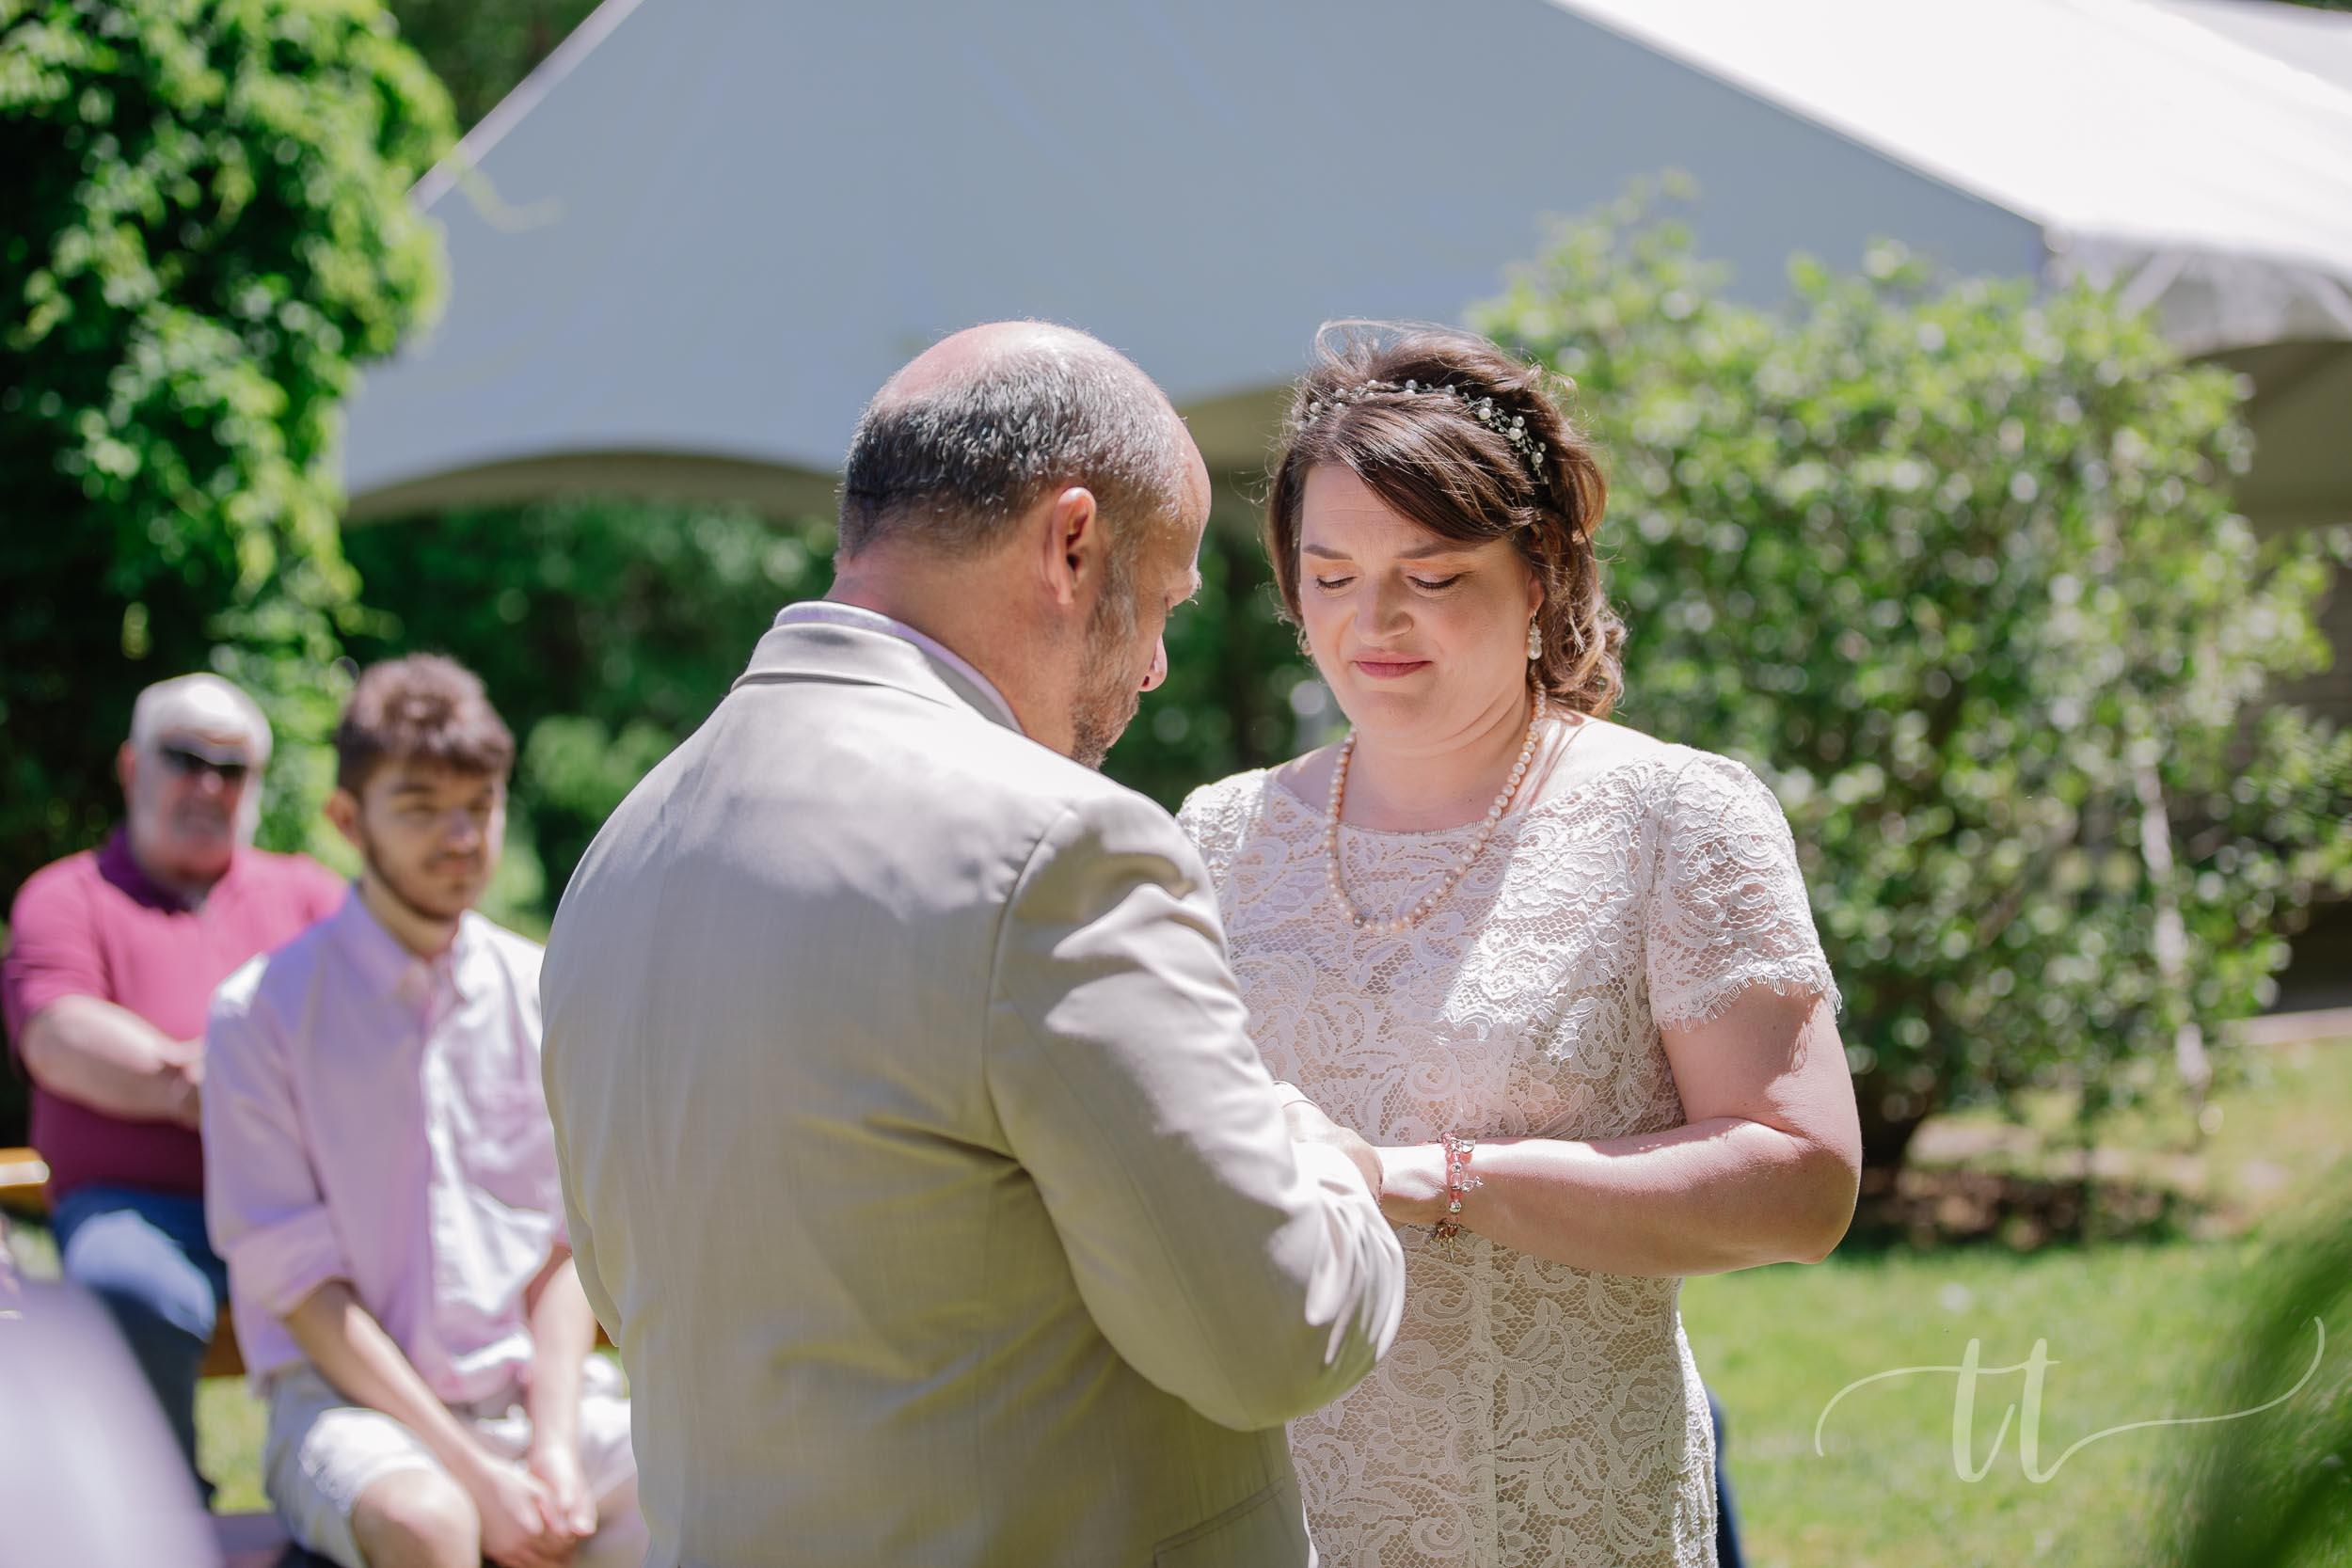 pleasant-garden-wedding-8.jpg